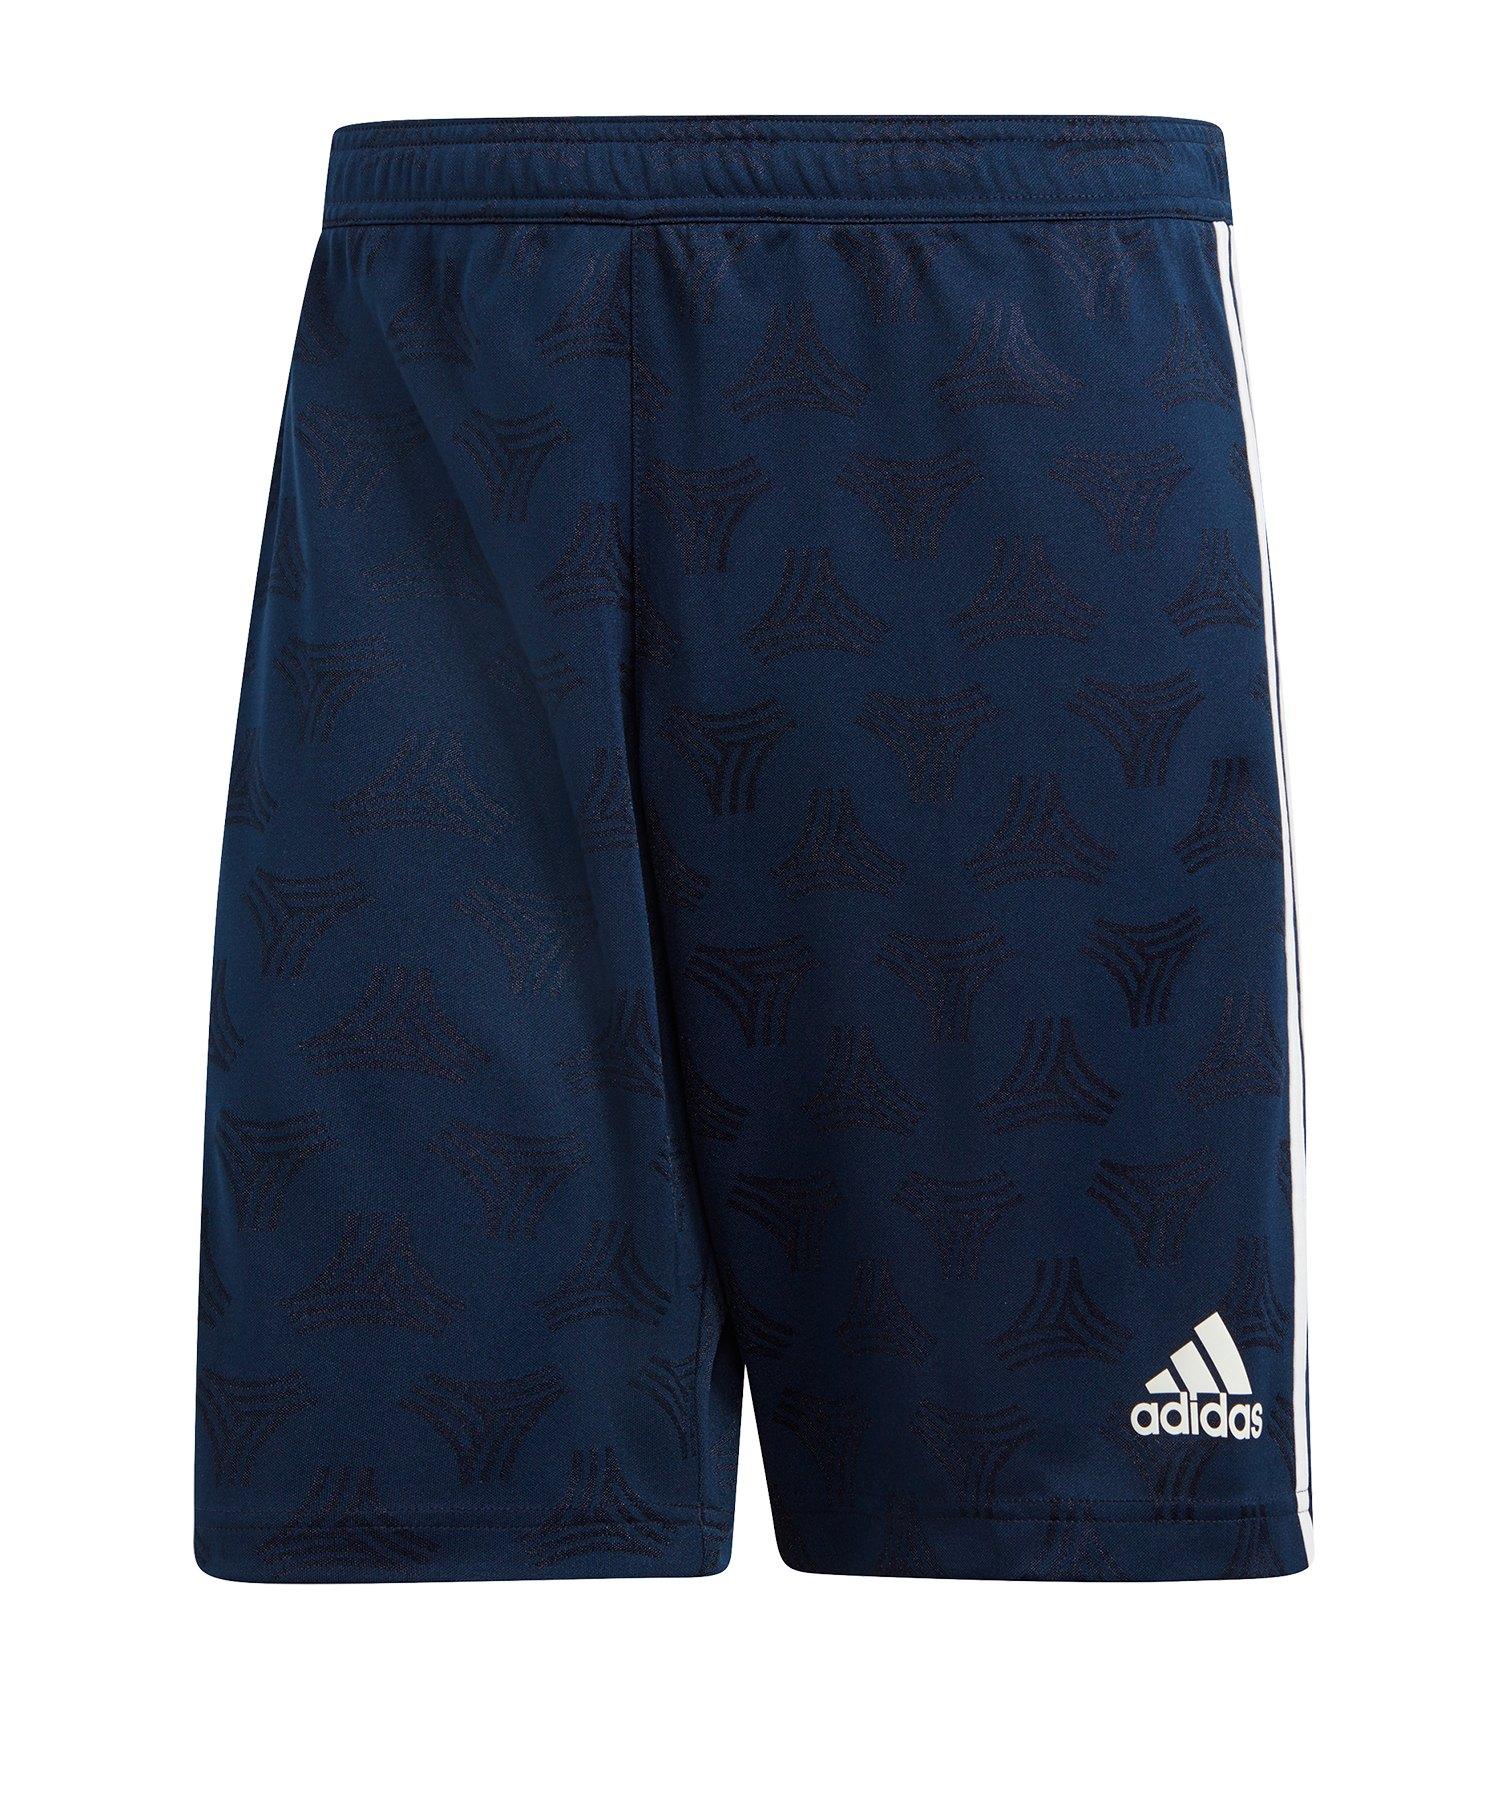 adidas Tango Jacquard Short Blau - blau